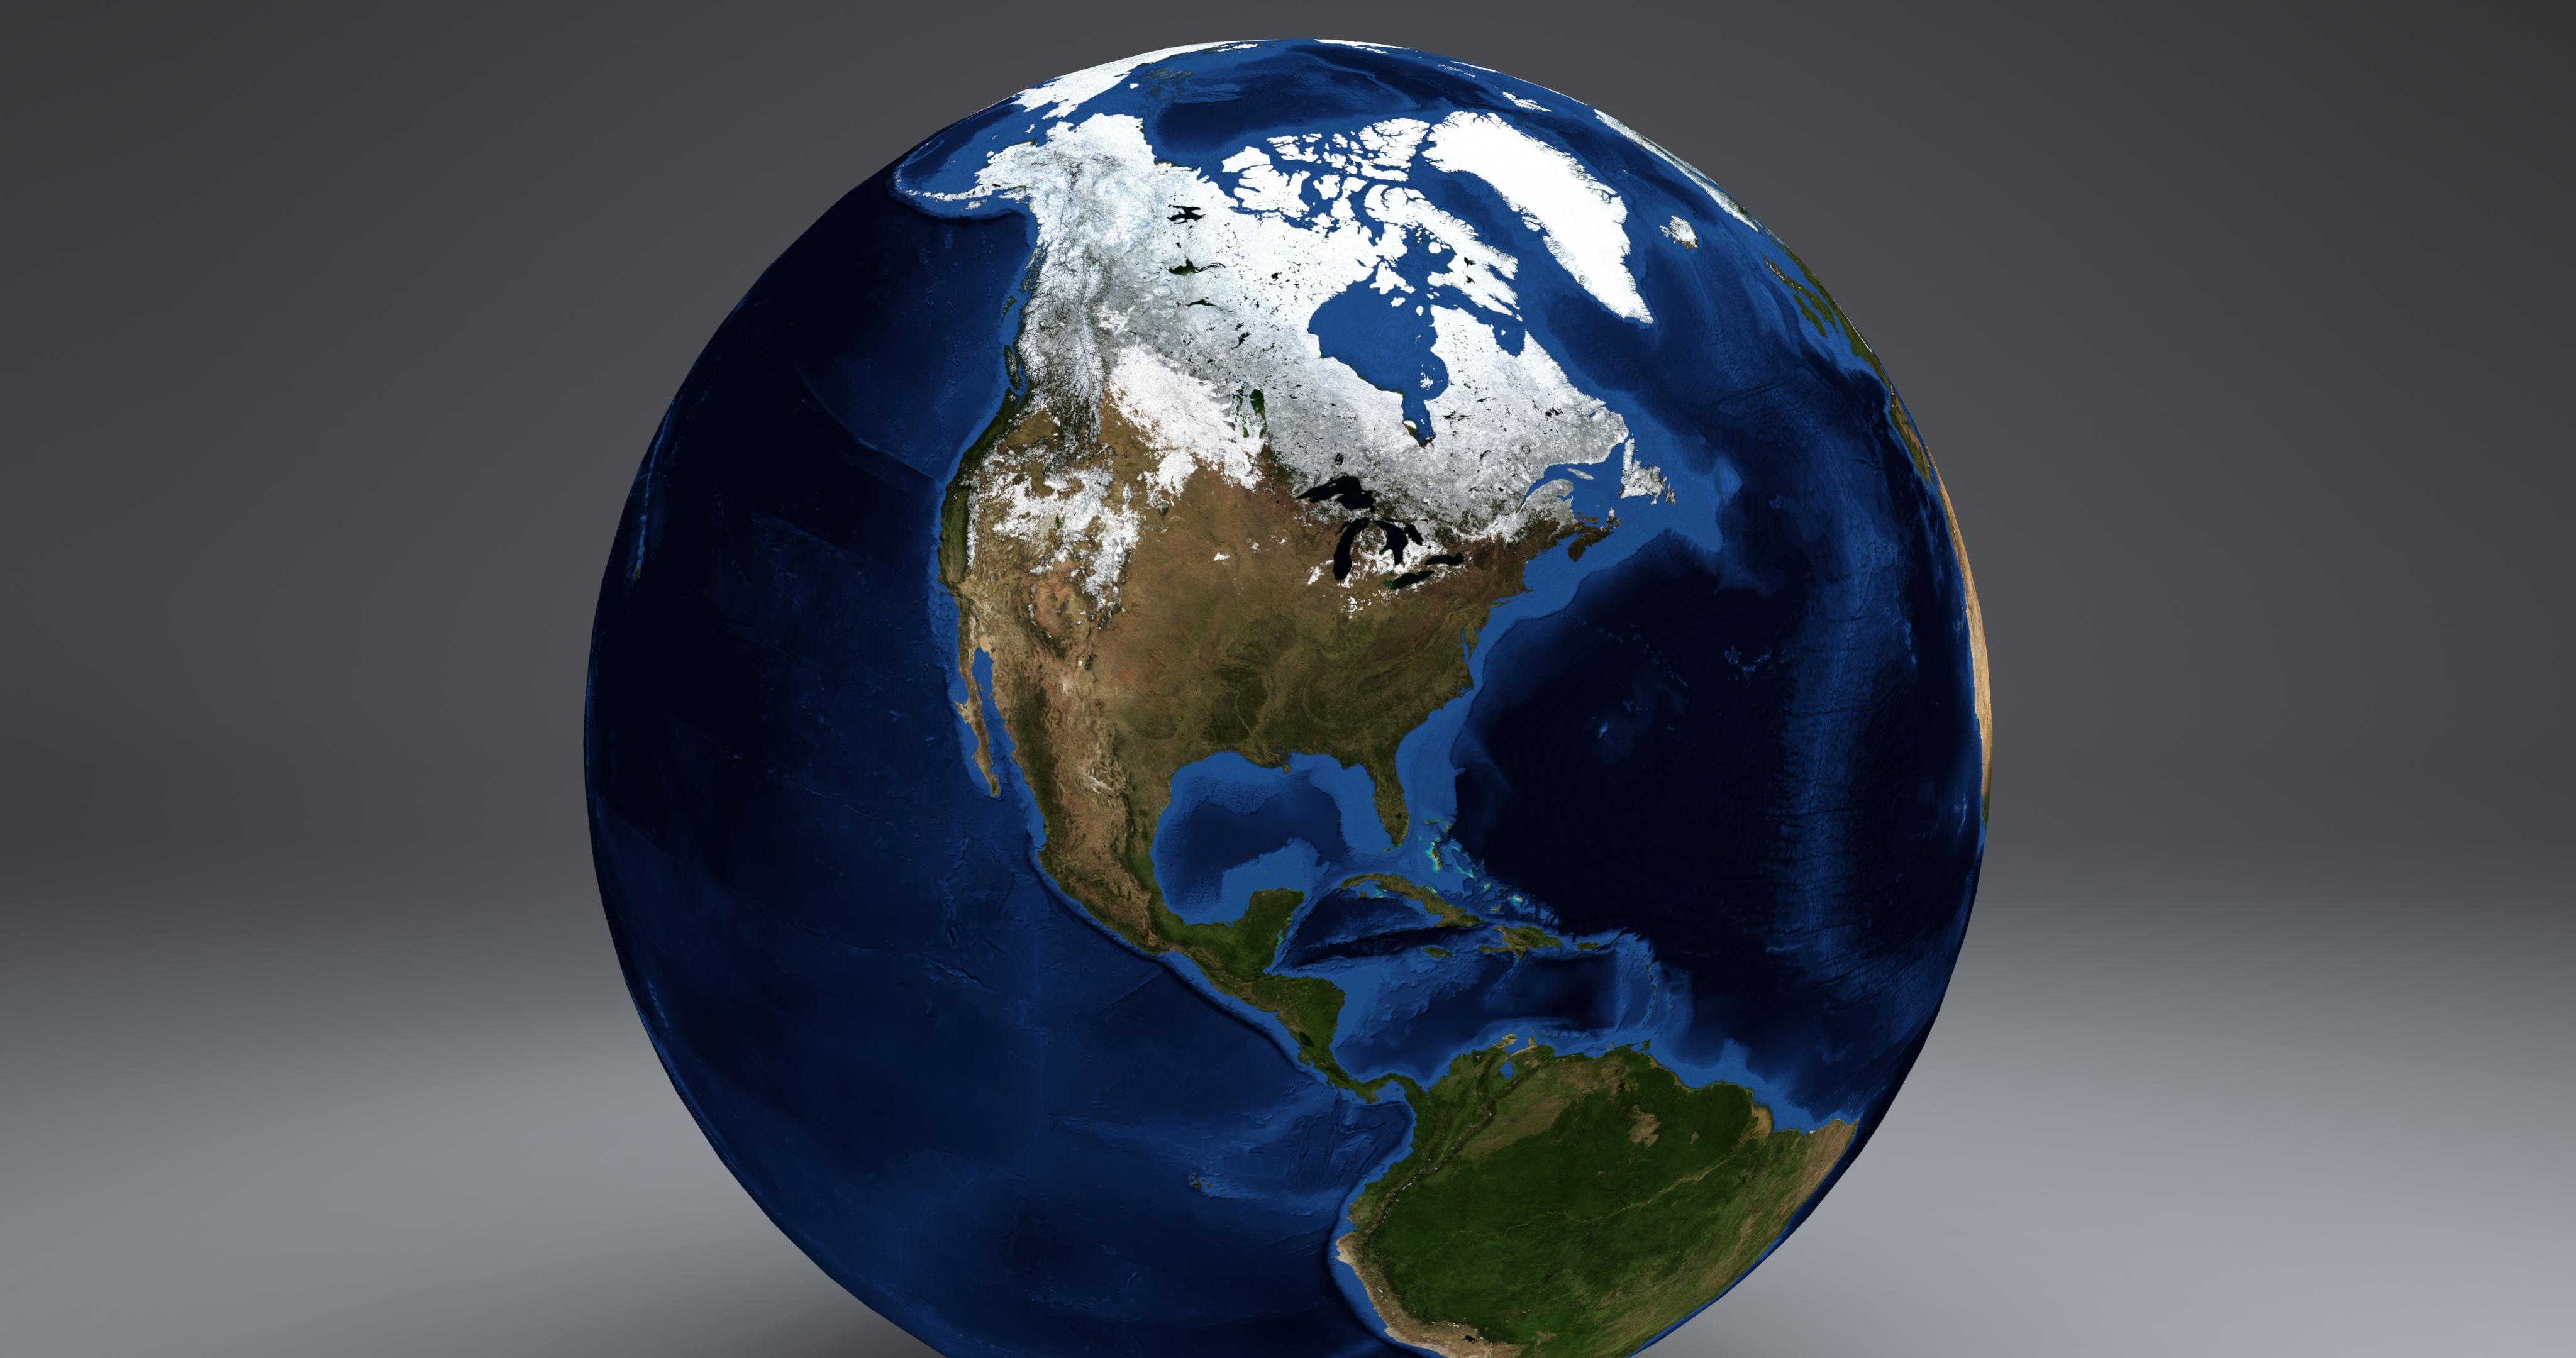 Earthglobe 21k 3d model buy earthglobe 21k 3d model flatpyramid earthglobe 21k 3d model 0 publicscrutiny Choice Image